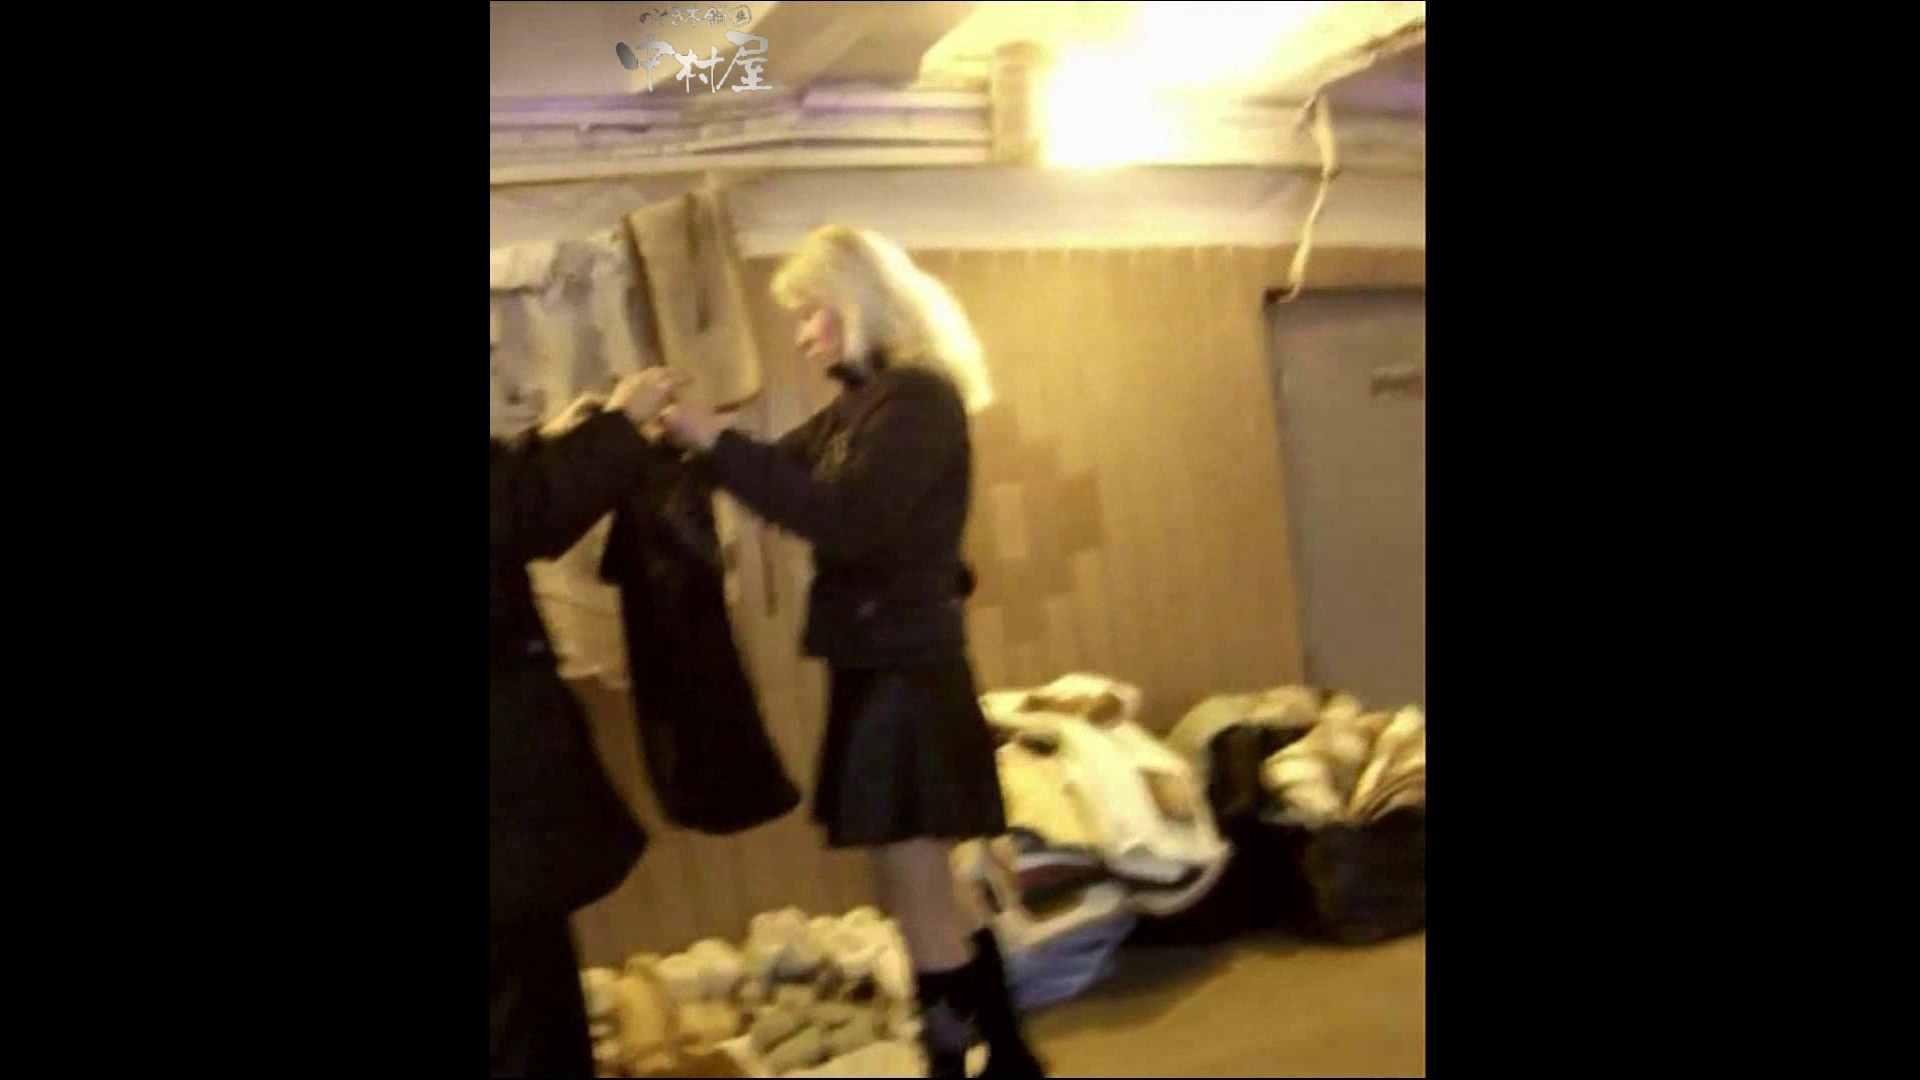 綺麗なモデルさんのスカート捲っちゃおう‼ vol18 Hなお姉さん おまんこ動画流出 99pic 95